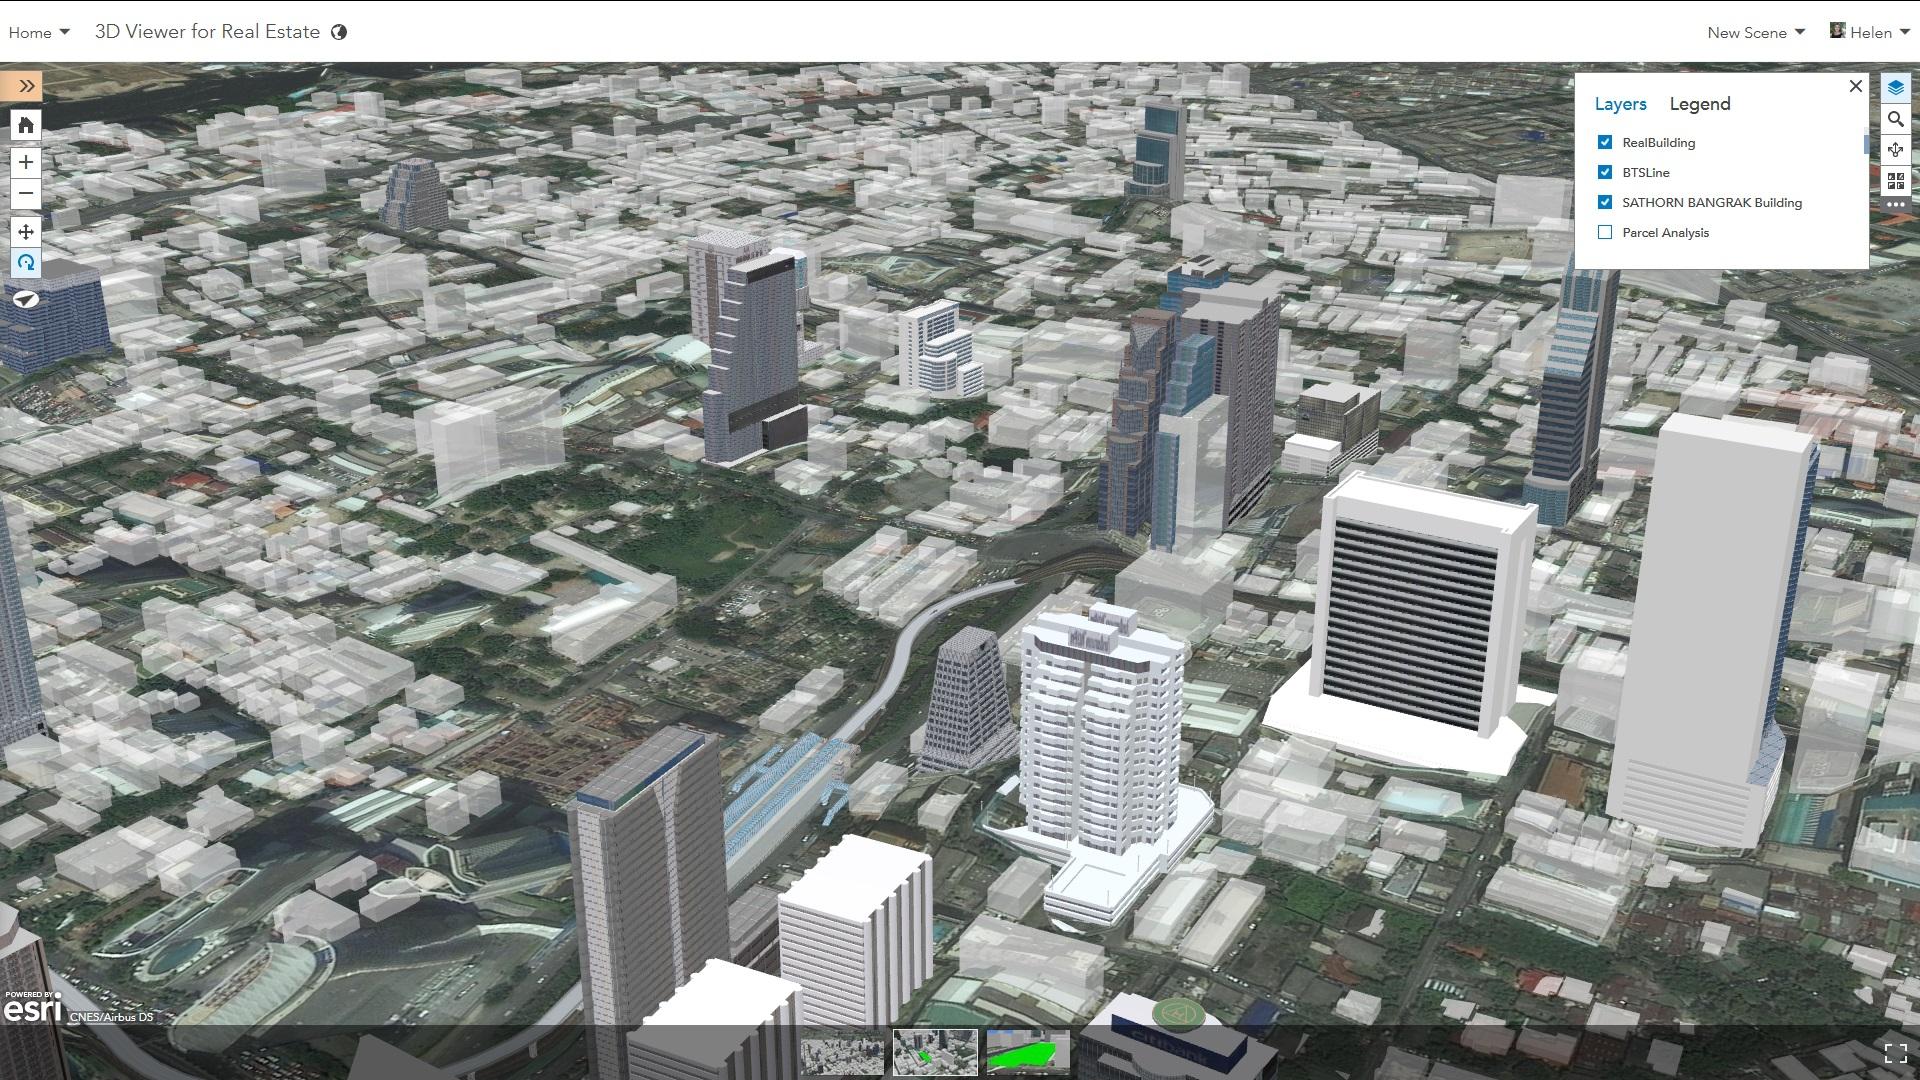 Rys. 1. Kiedy korzystasz z platformy lokalizacyjnej, możesz łatwo zbudować, publikować i dzielić się danymi w sieci; mogą one mieć formę prostych plików, ale także eleganckich, interaktywnych scen 3D, które można oglądać korzystając z dowolnego urządzenia.